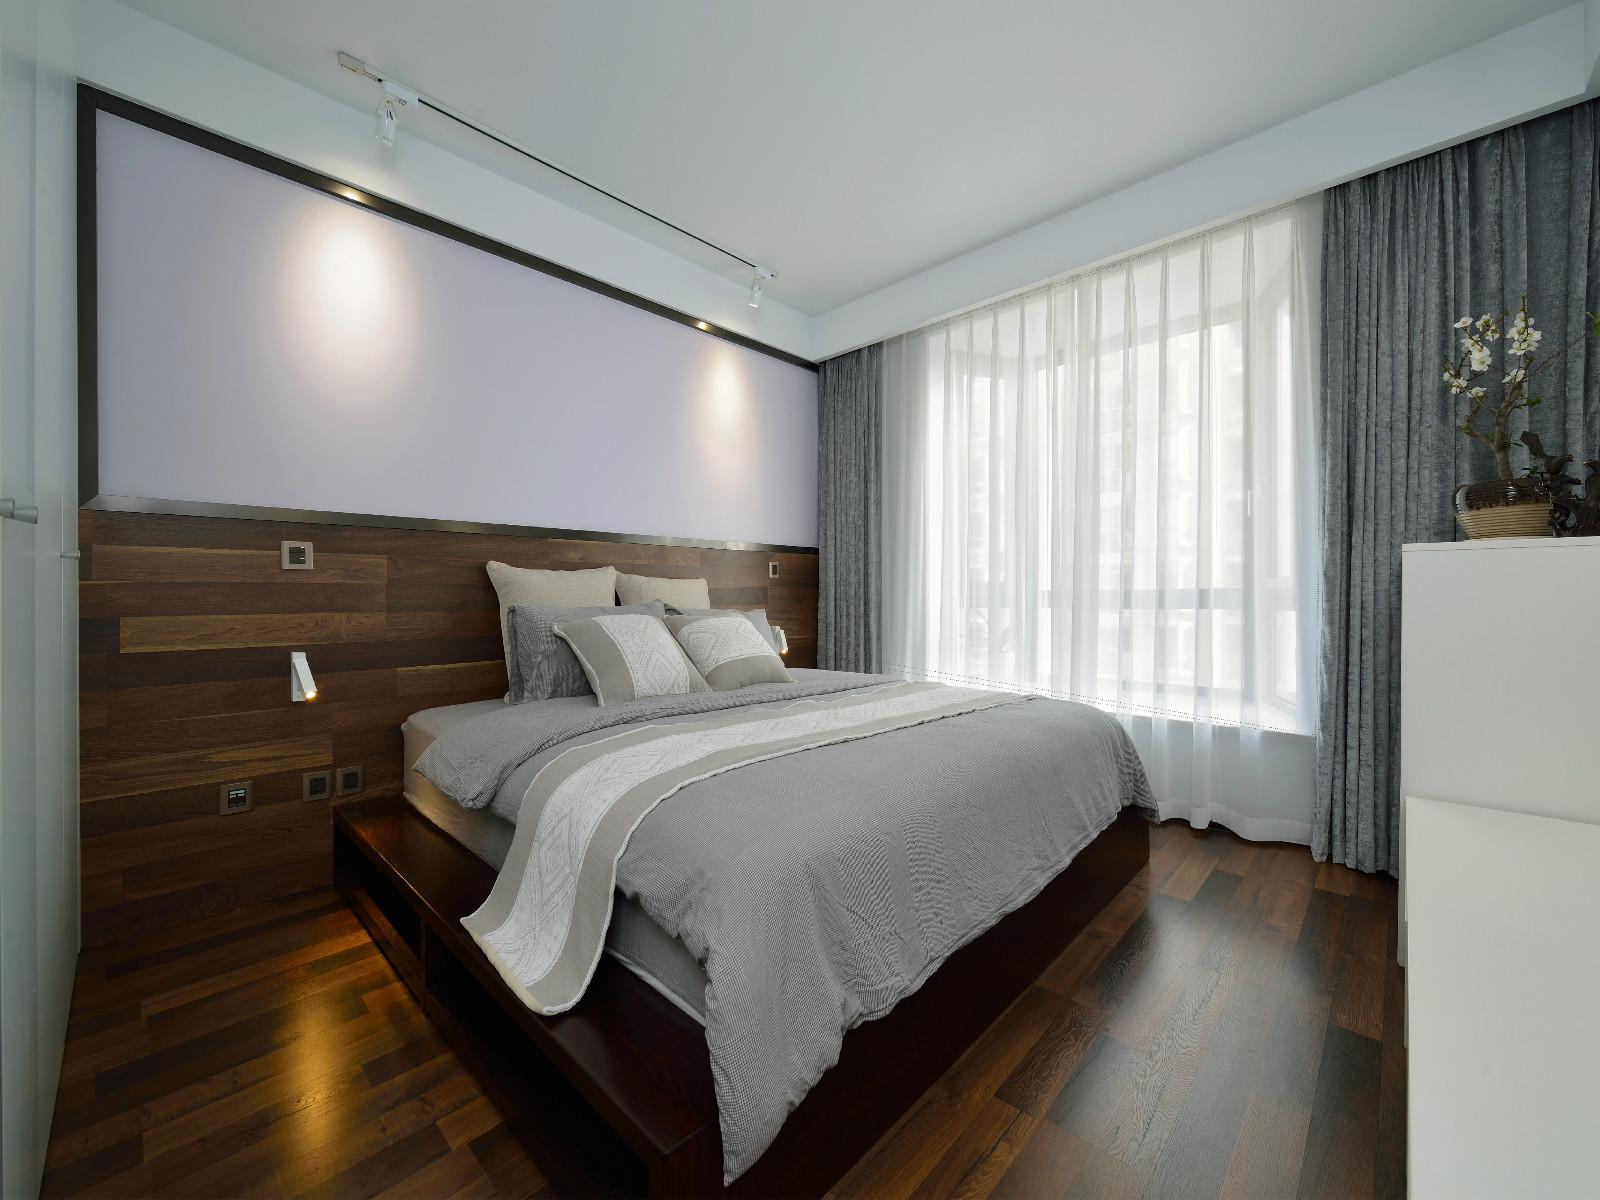 120㎡现代简约装修床头背景墙图片